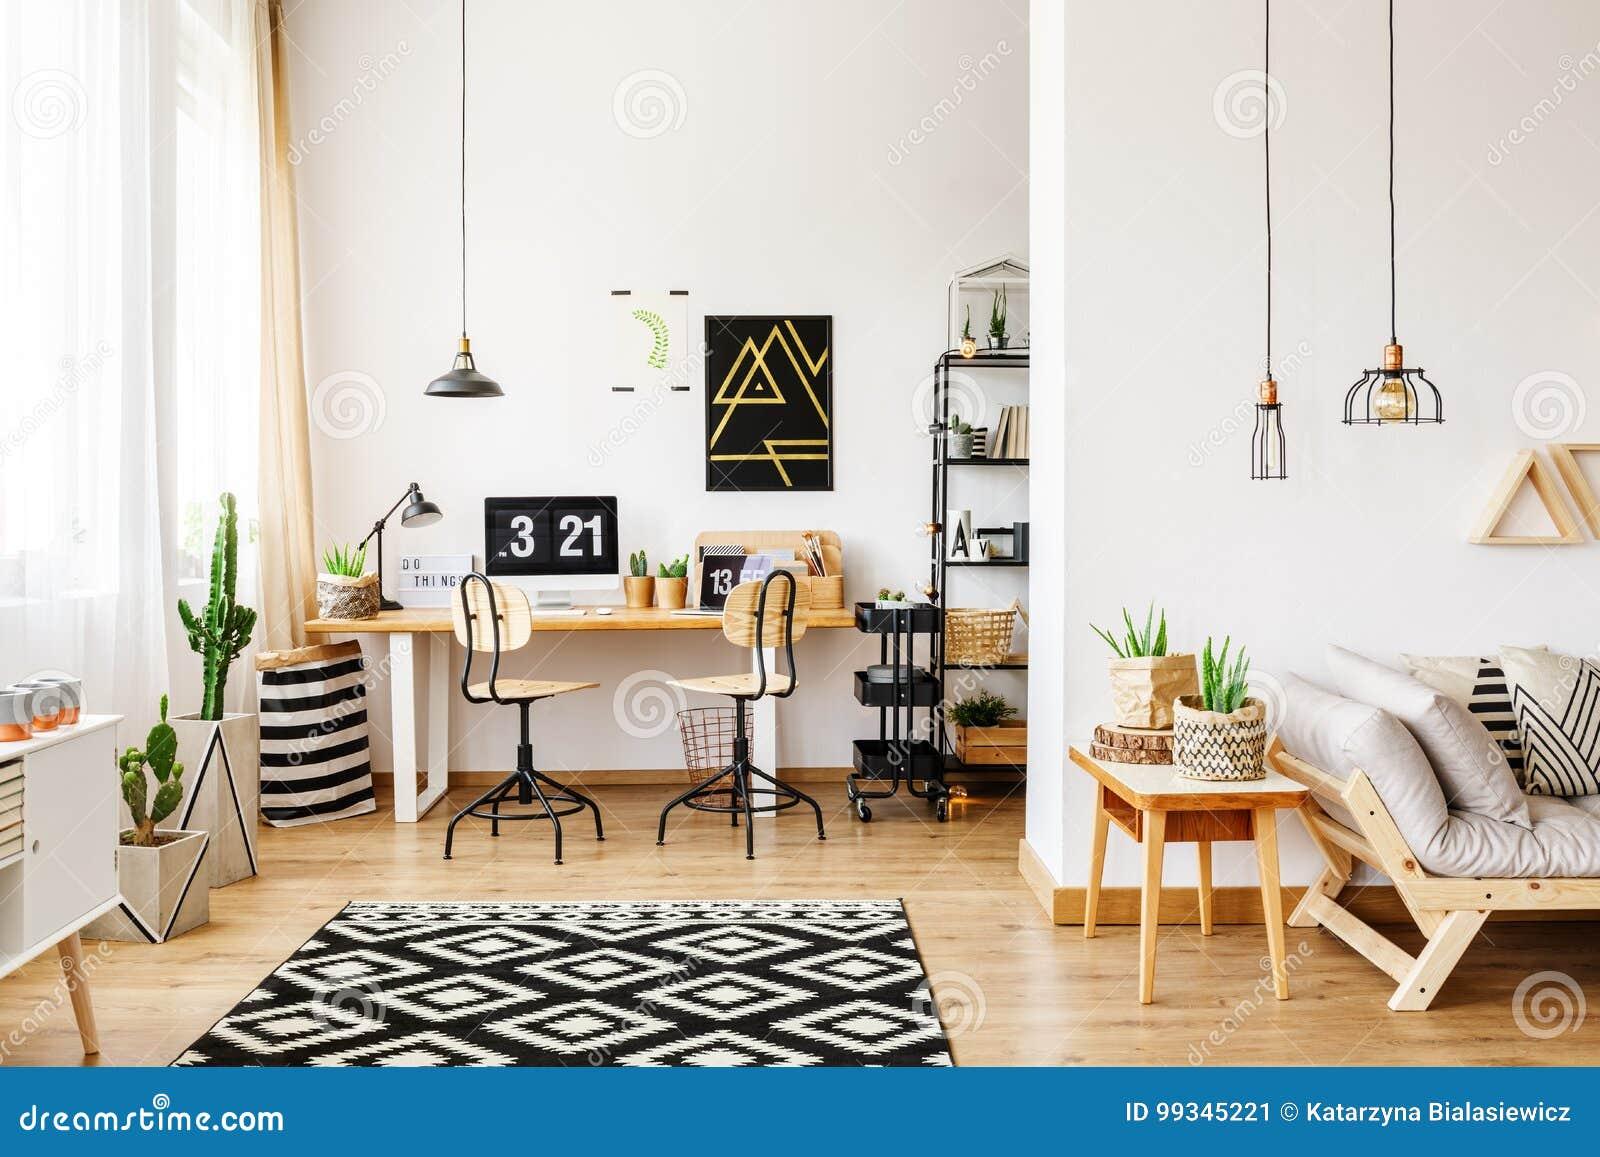 Design Bureau Woonkamer : Bureau en open woonkamer stock afbeelding afbeelding bestaande